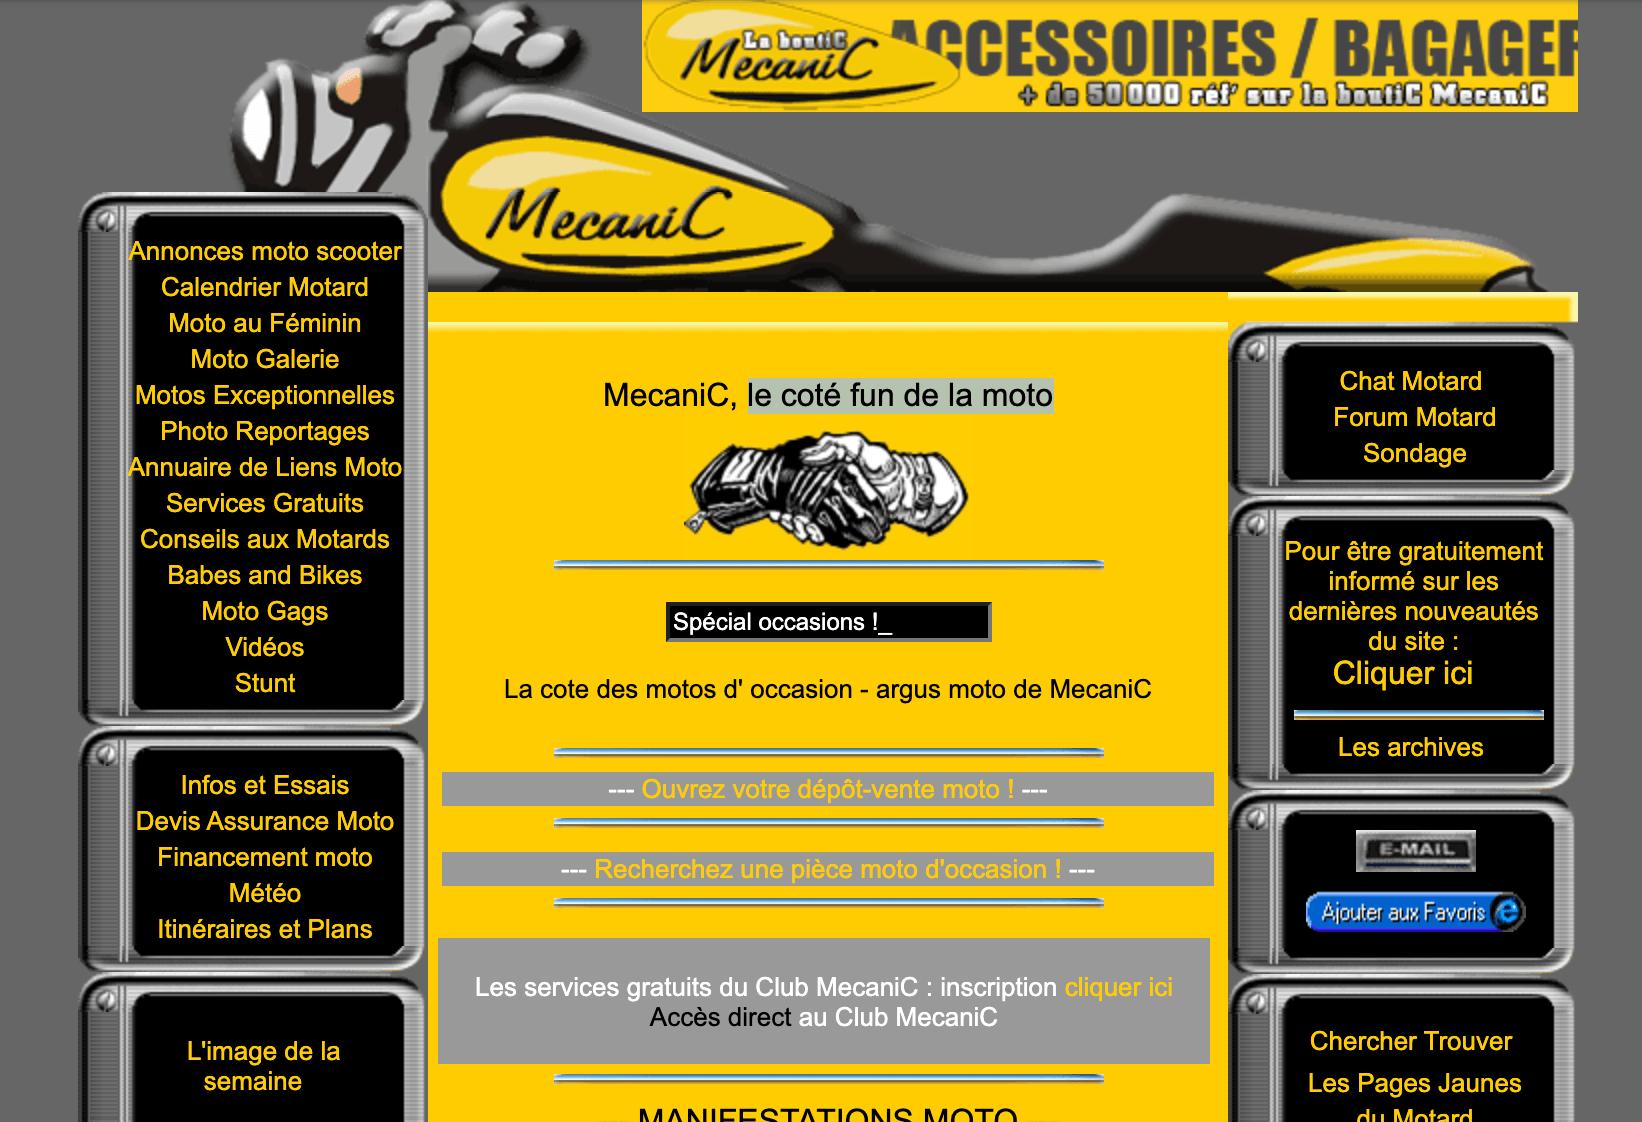 MecaniC en 2008